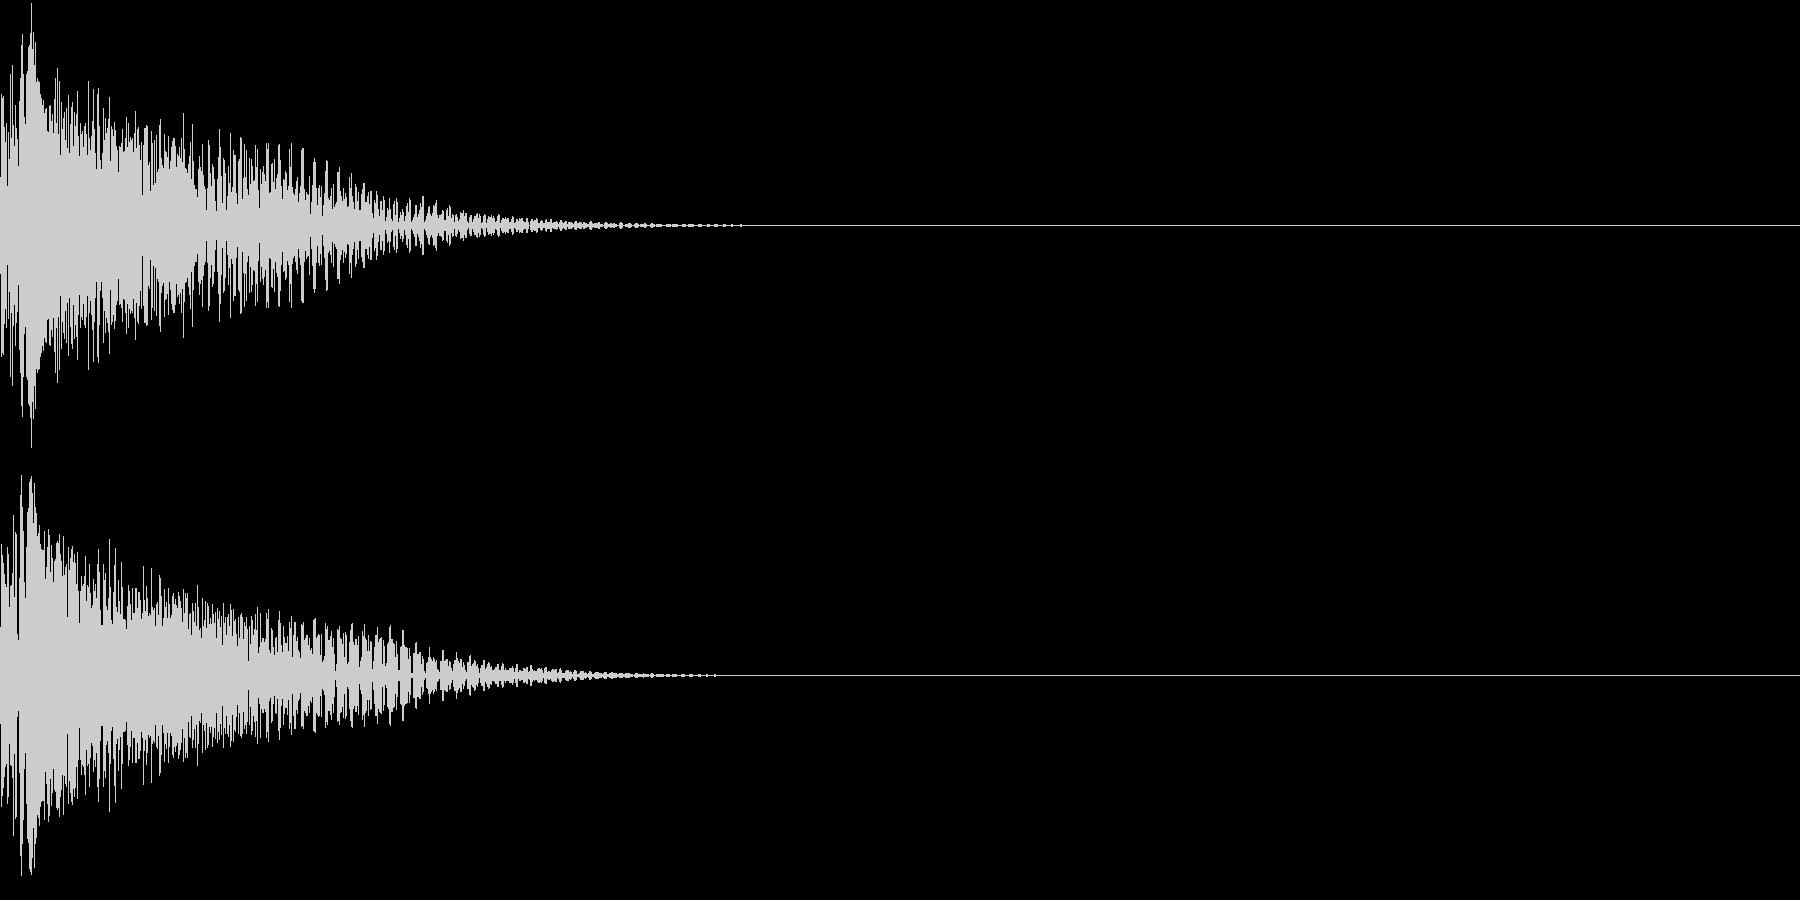 Weapon ビーム小銃 レーザーガンの未再生の波形